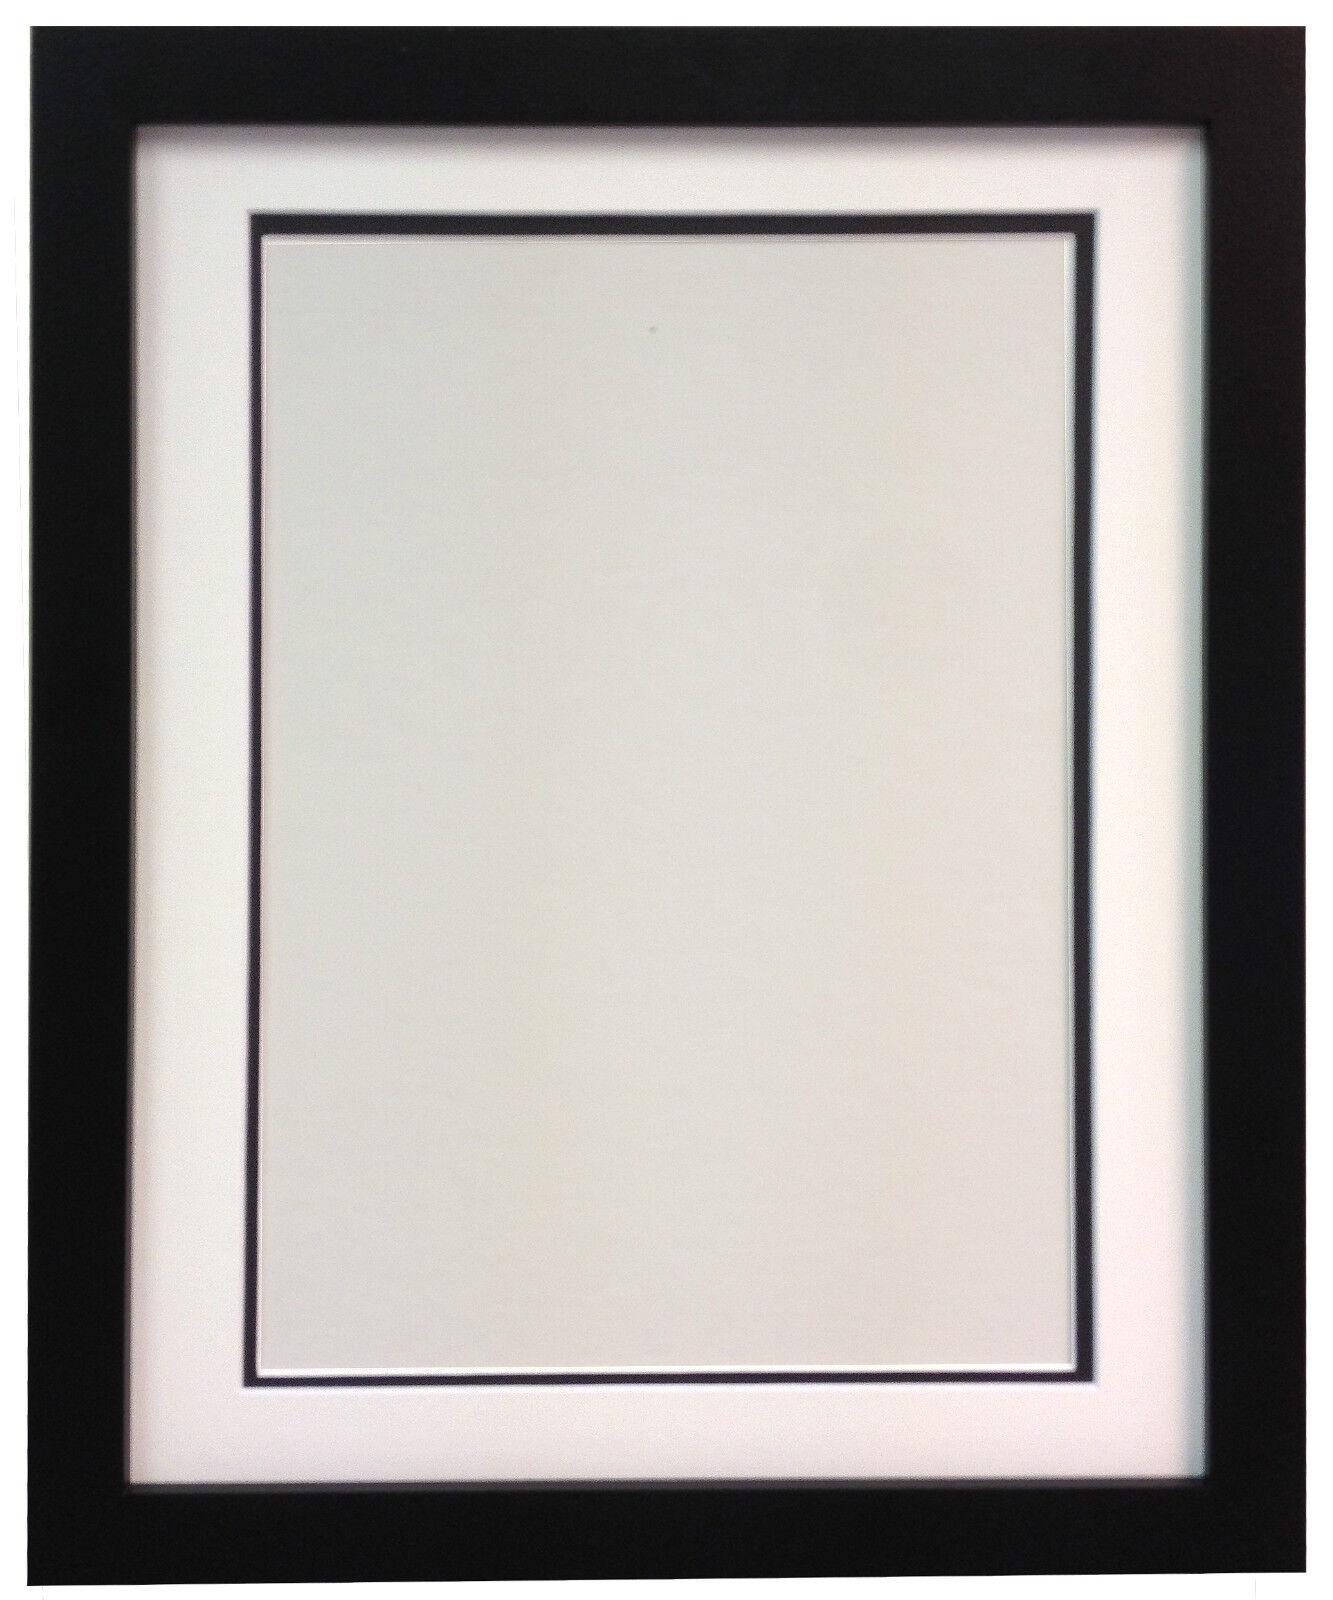 Cuadro Cuadro Cuadro Negro Marcos de fotos con calidad blancoo Negro o Marfil Montajes De Bisel doble 29e637